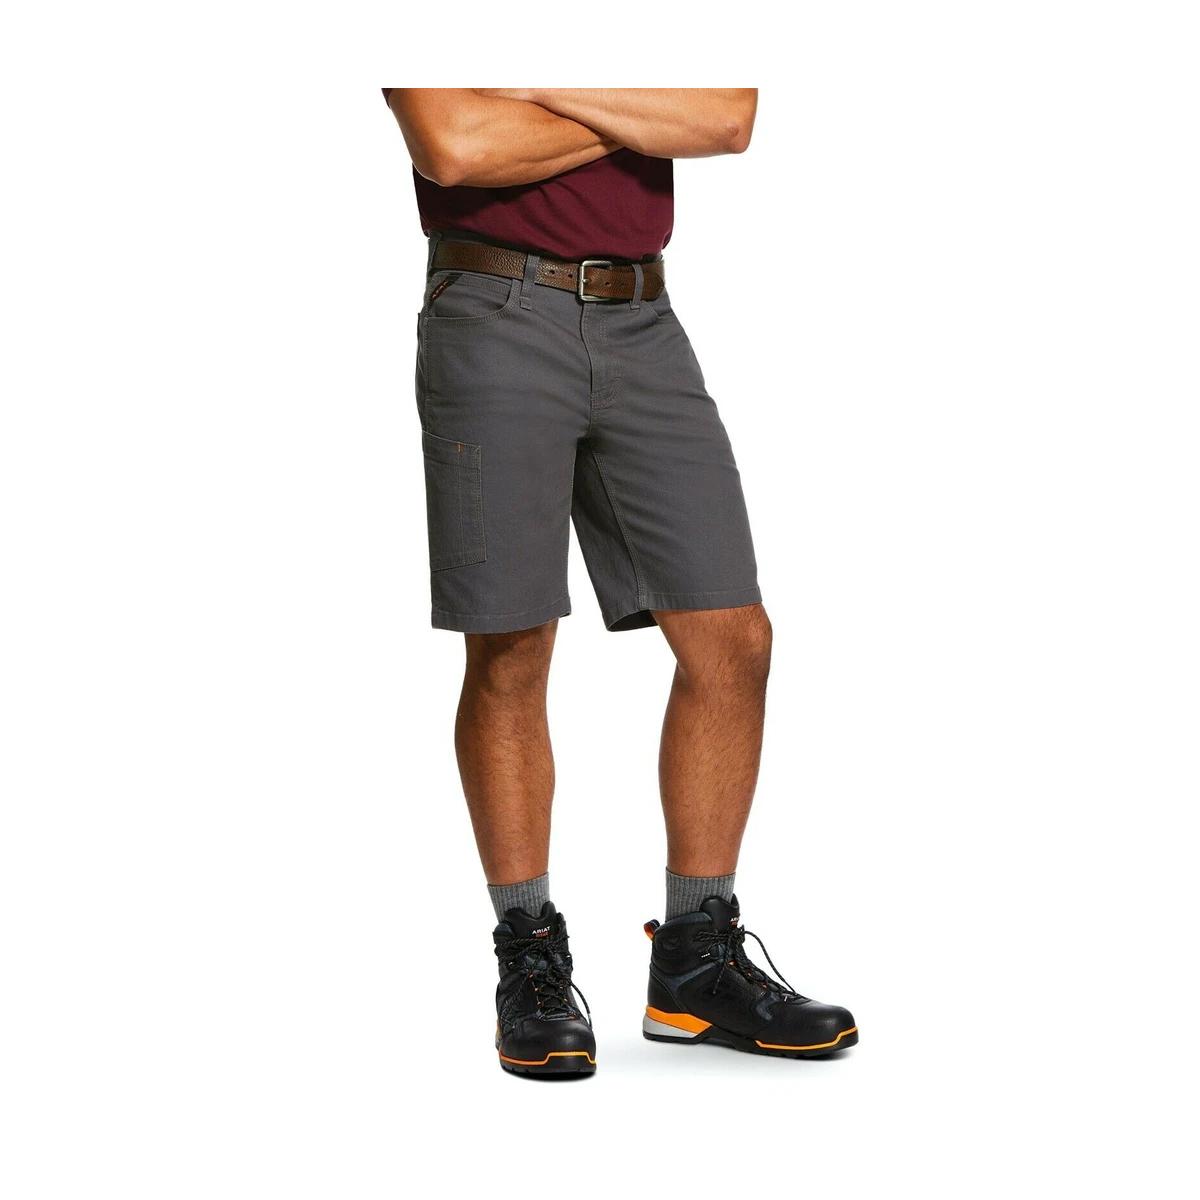 Men's Rebar  Made Tough DuraStretch Work Shorts, Dark Gray,Pewter,Slate, swatch